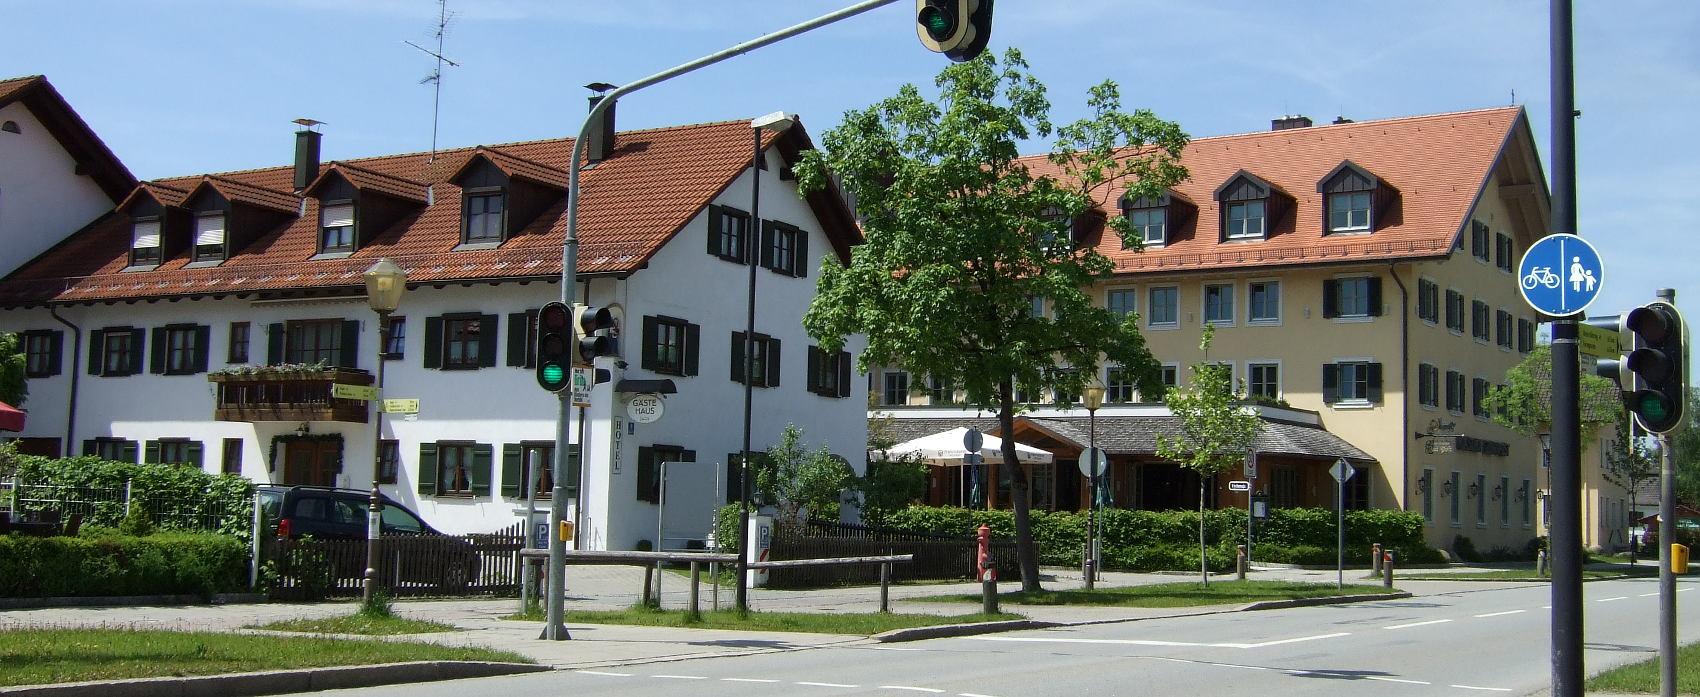 Reihenhaus Aschheim München Kreis Immobilienscout24